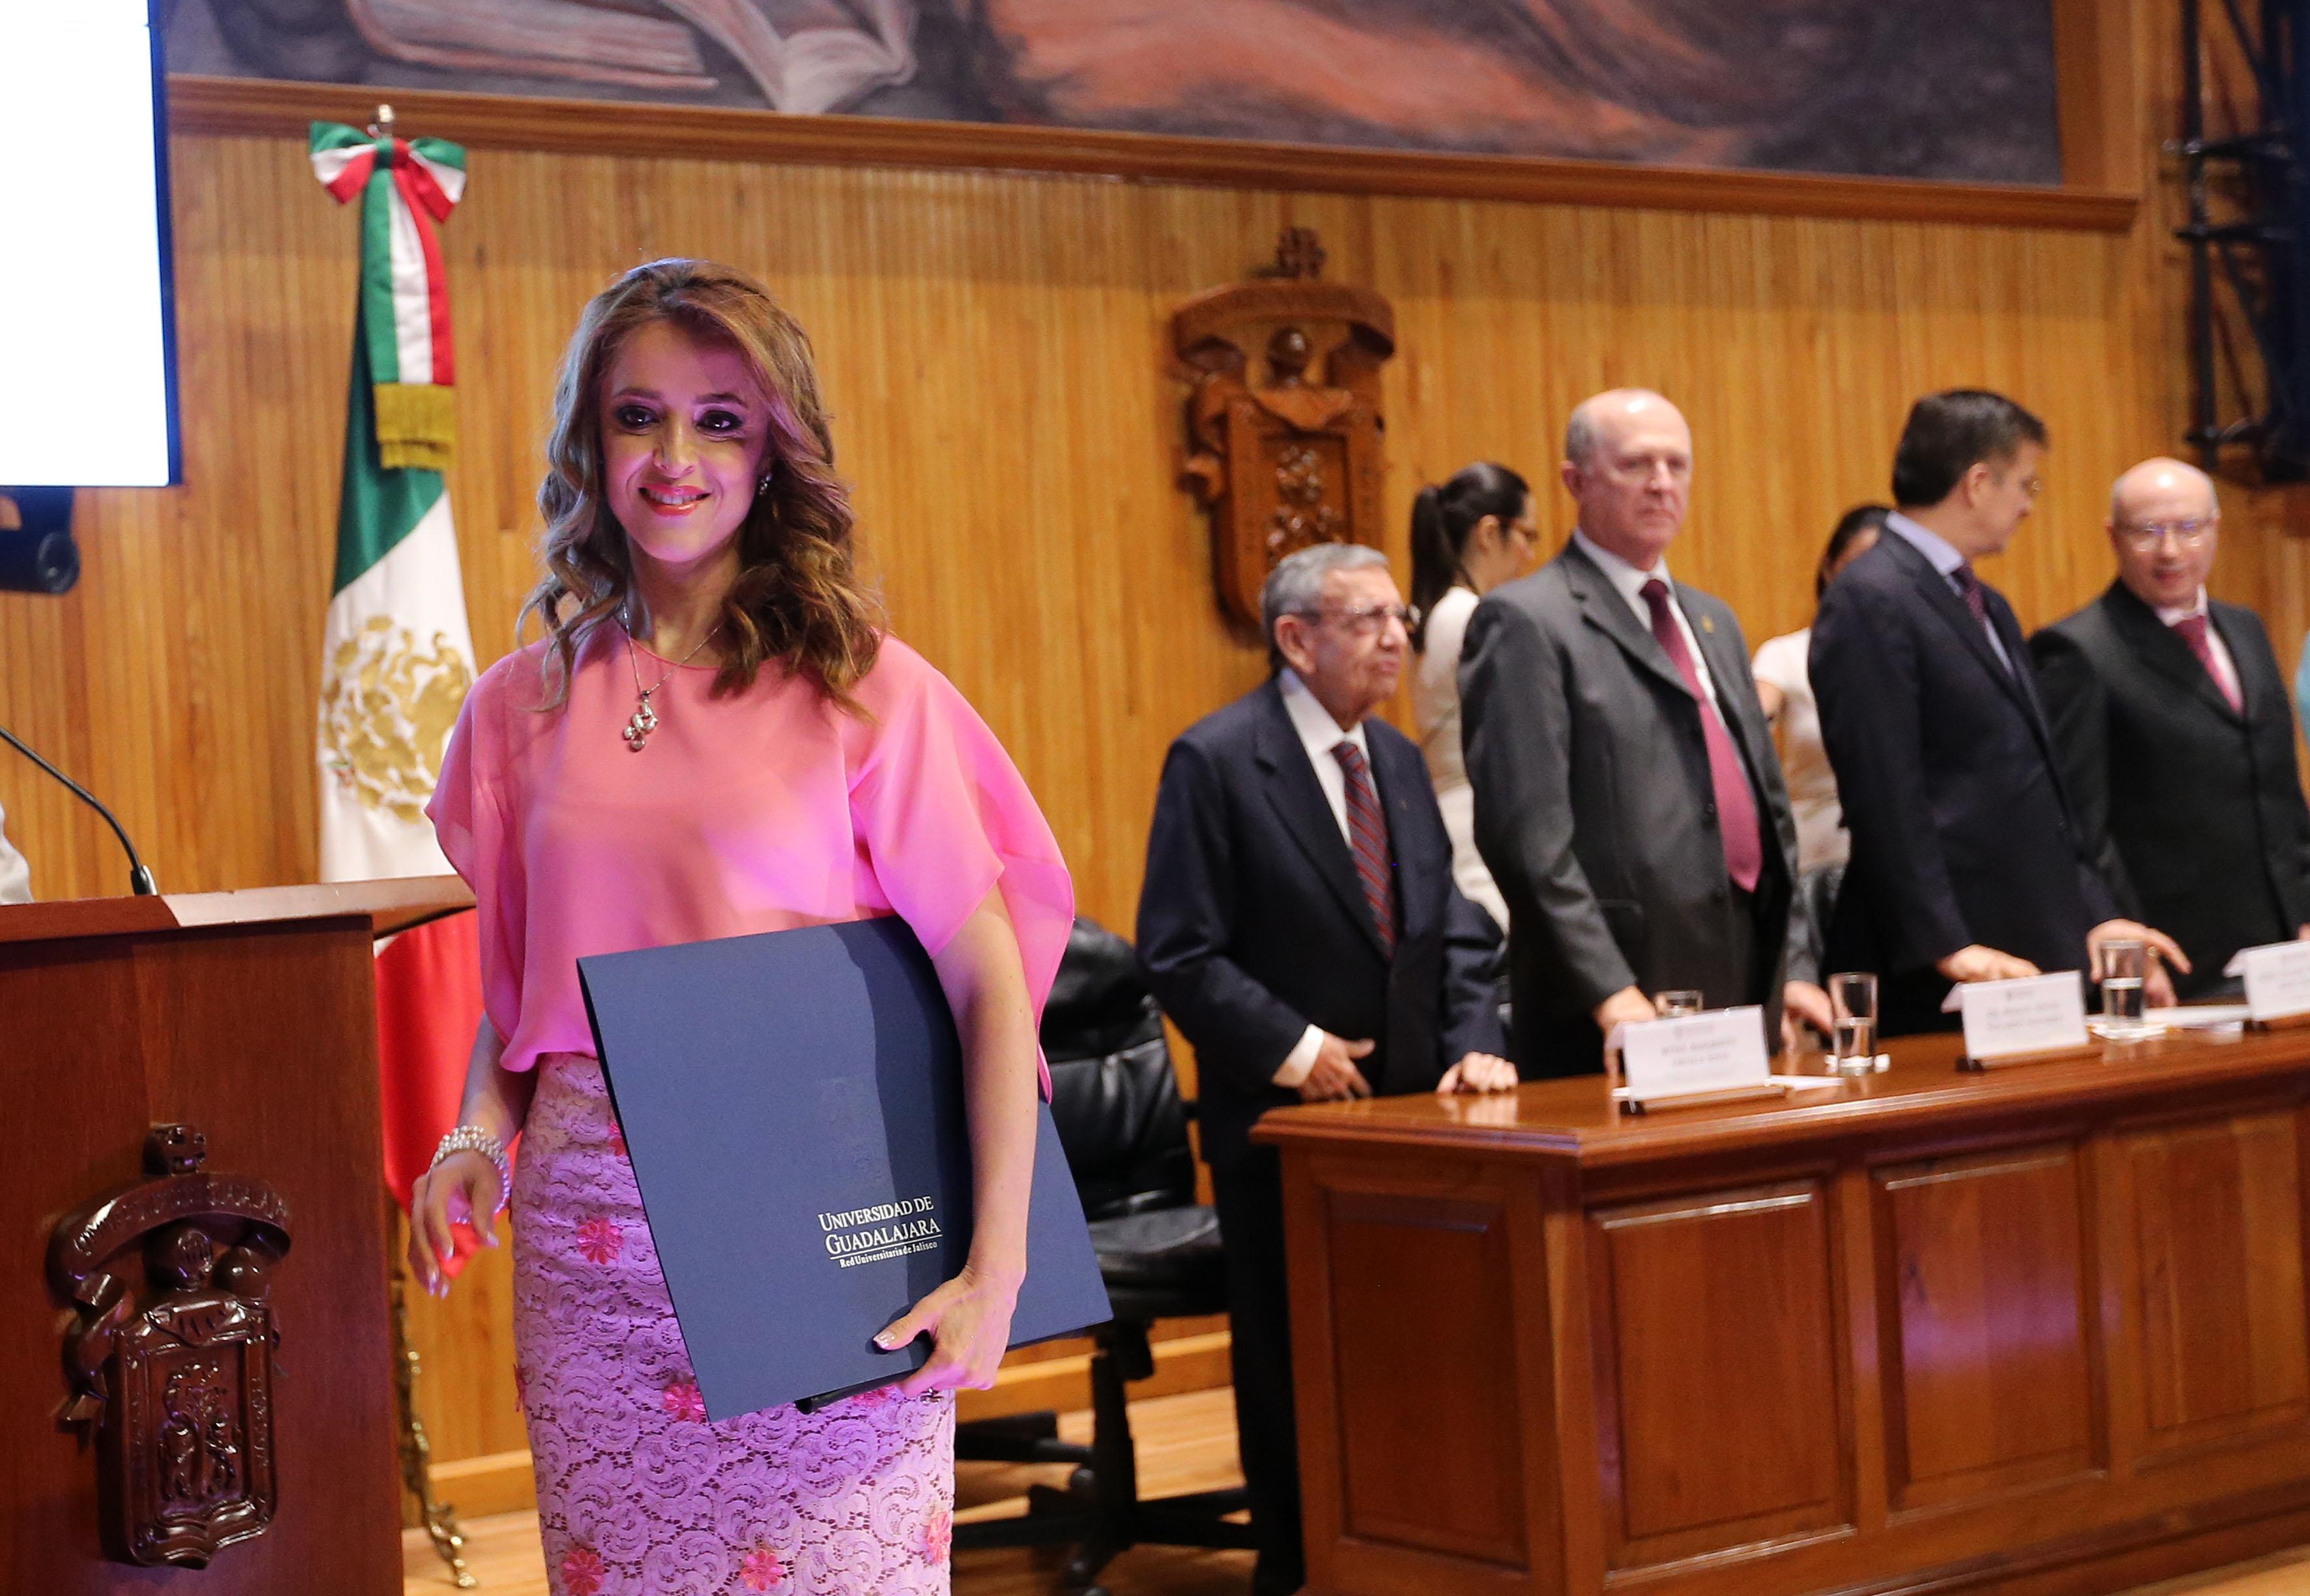 Doctora Irma Leticia Leal Moya, mostrando la carpeta de su  nombramiento, donde se le rectifico como Rectora del centro universitario del CUAltos.